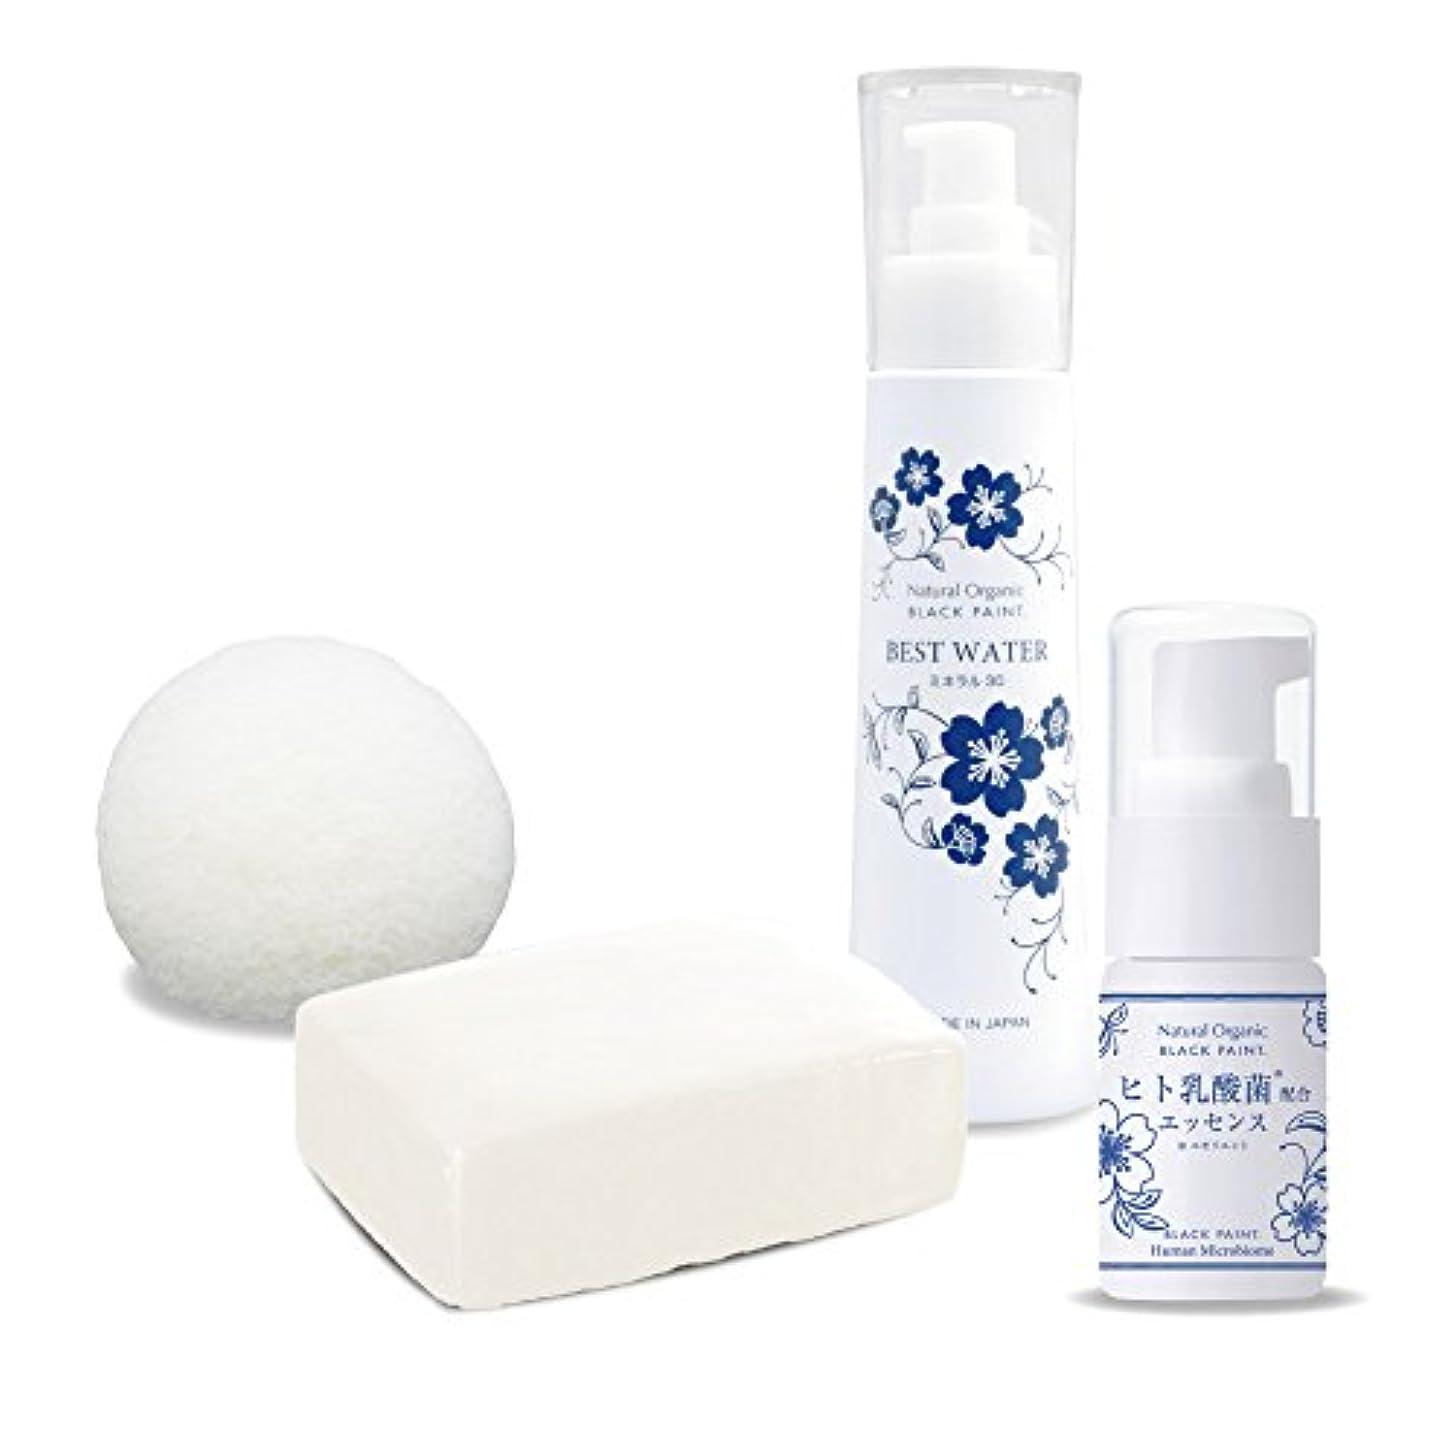 ランプ飼いならす第ヒト乳酸菌エッセンス10ml&ホワイトペイント60g&ホワイトスポンジミニ&ベストウォーター100ml 洗顔セット